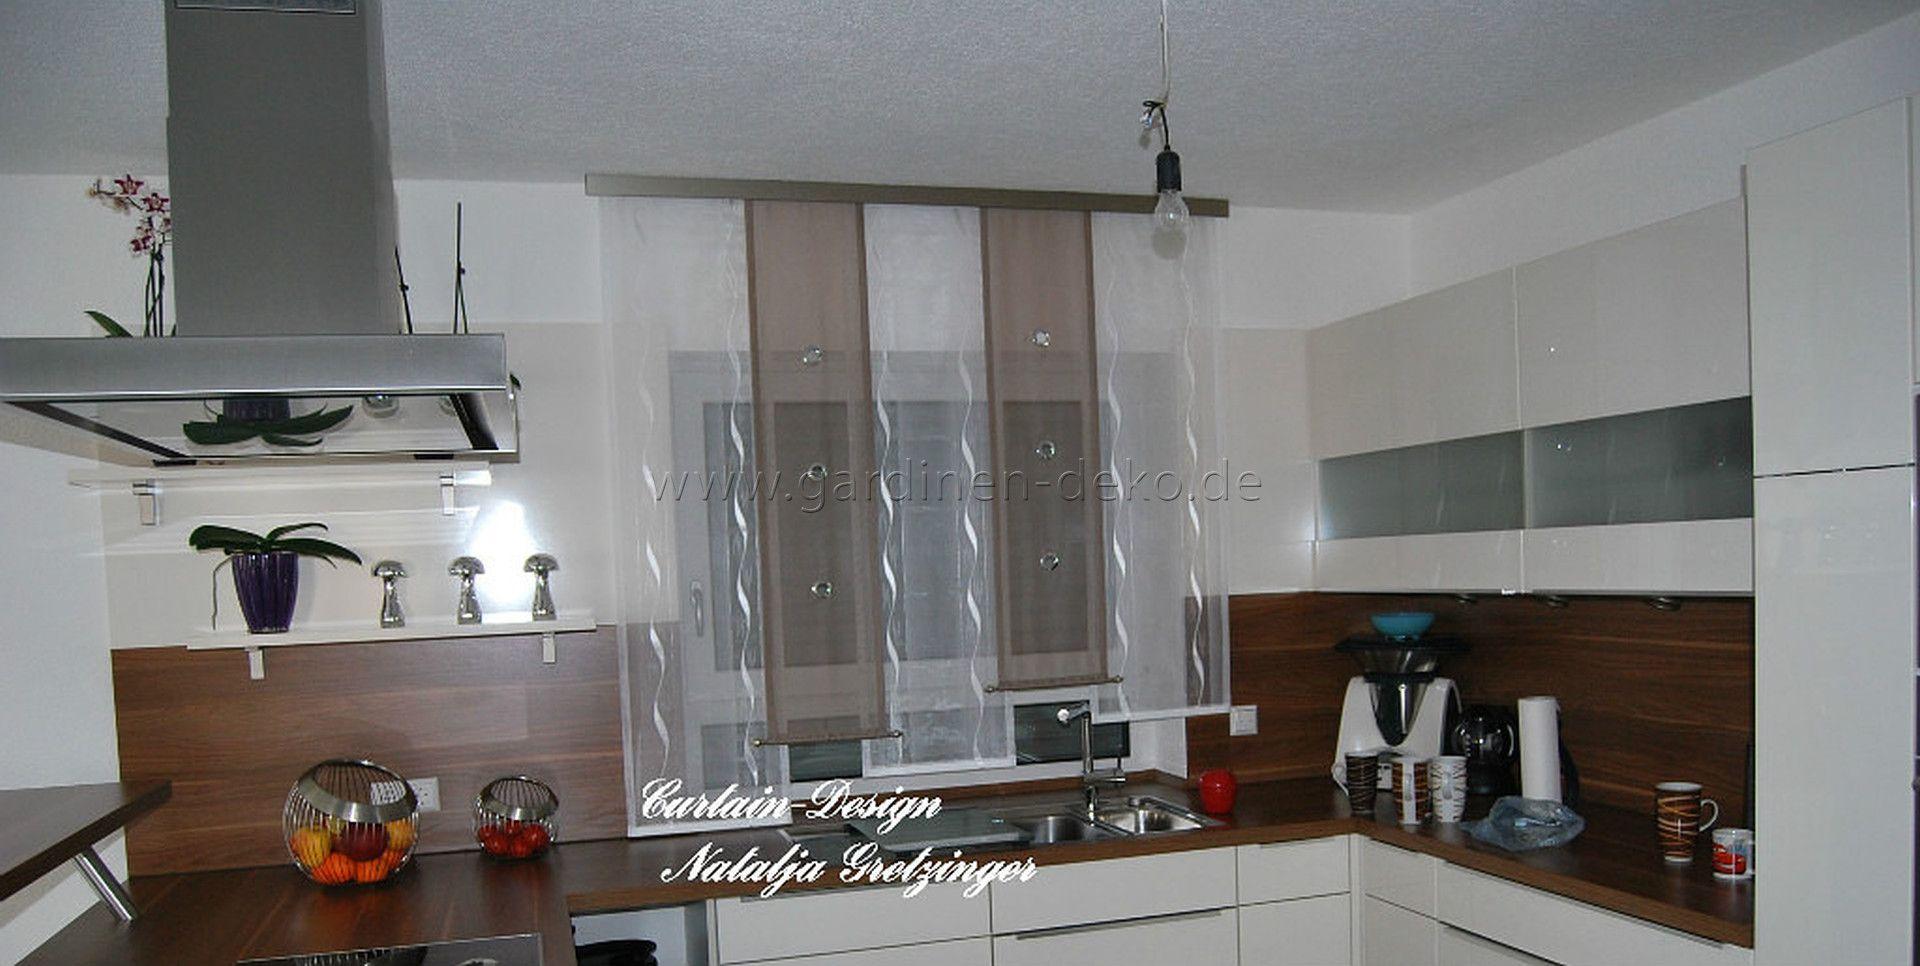 Full Size of Küchengardinen Rot Gardinen Für Küche Selber Nähen Gardinen Für Moderne Küche Gardinen Küche Roller Küche Gardinen Für Küche